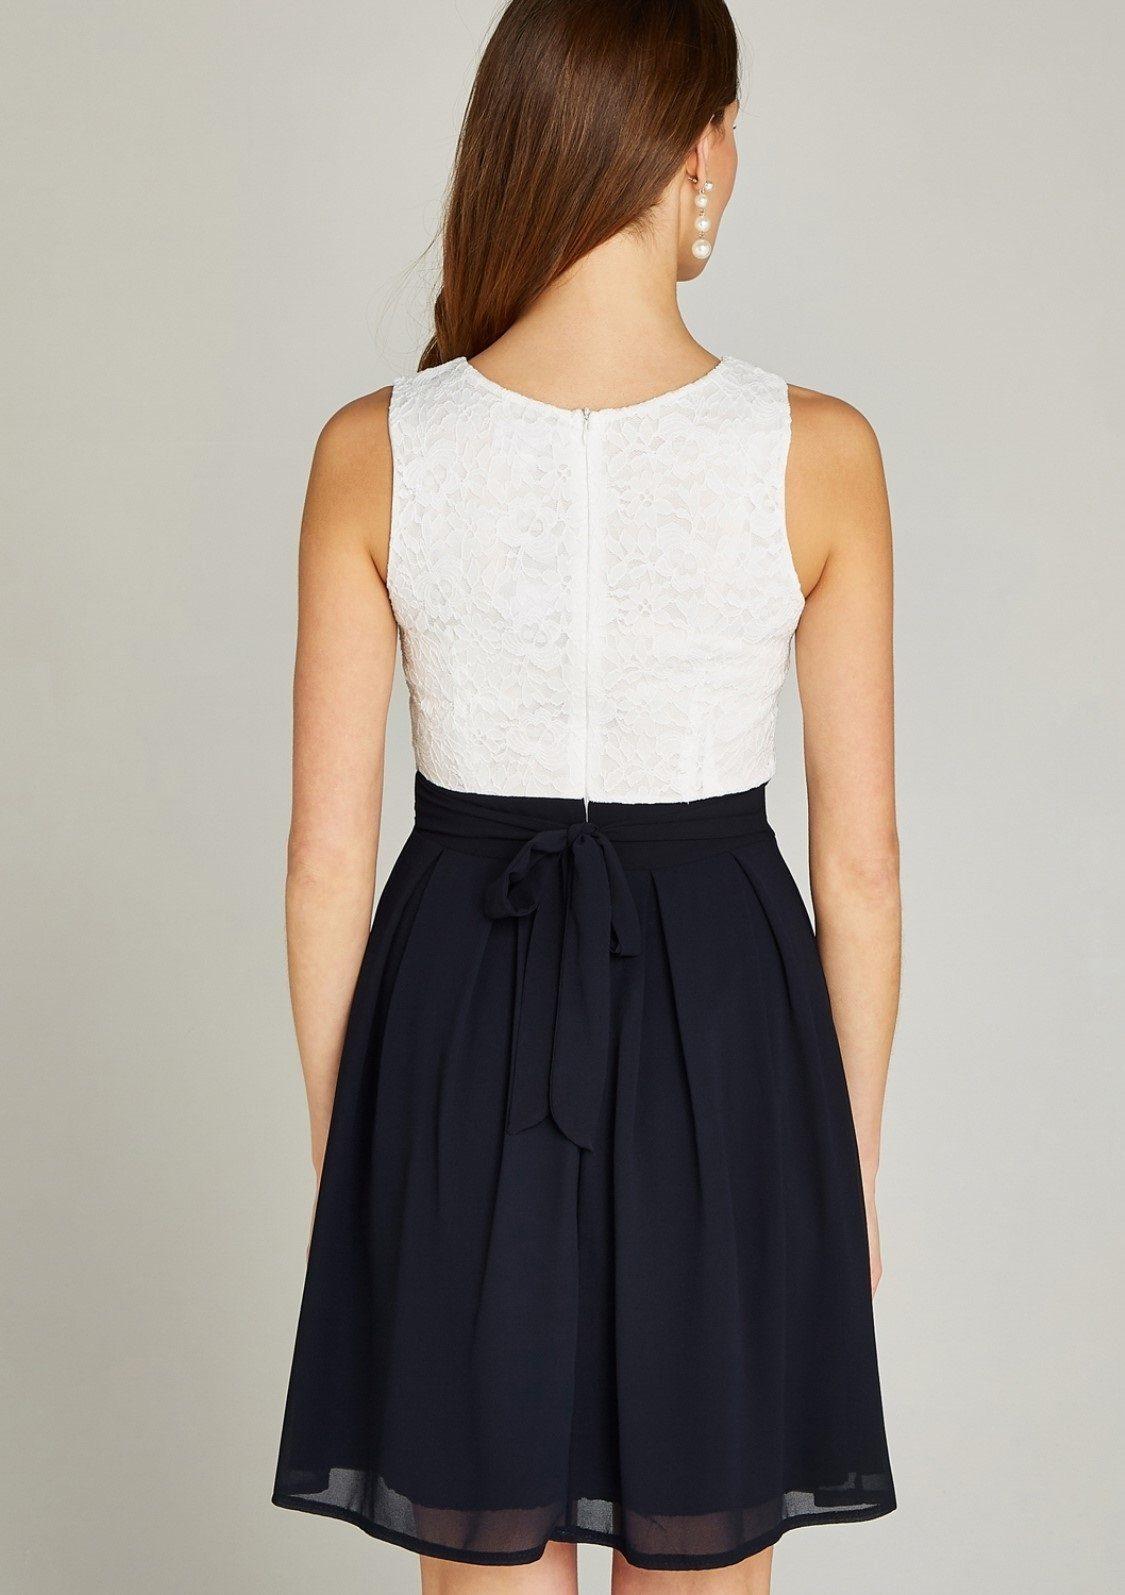 apricot -  Partykleid Lace Top Colour Block Skater Dress, im Colour Block Dessin